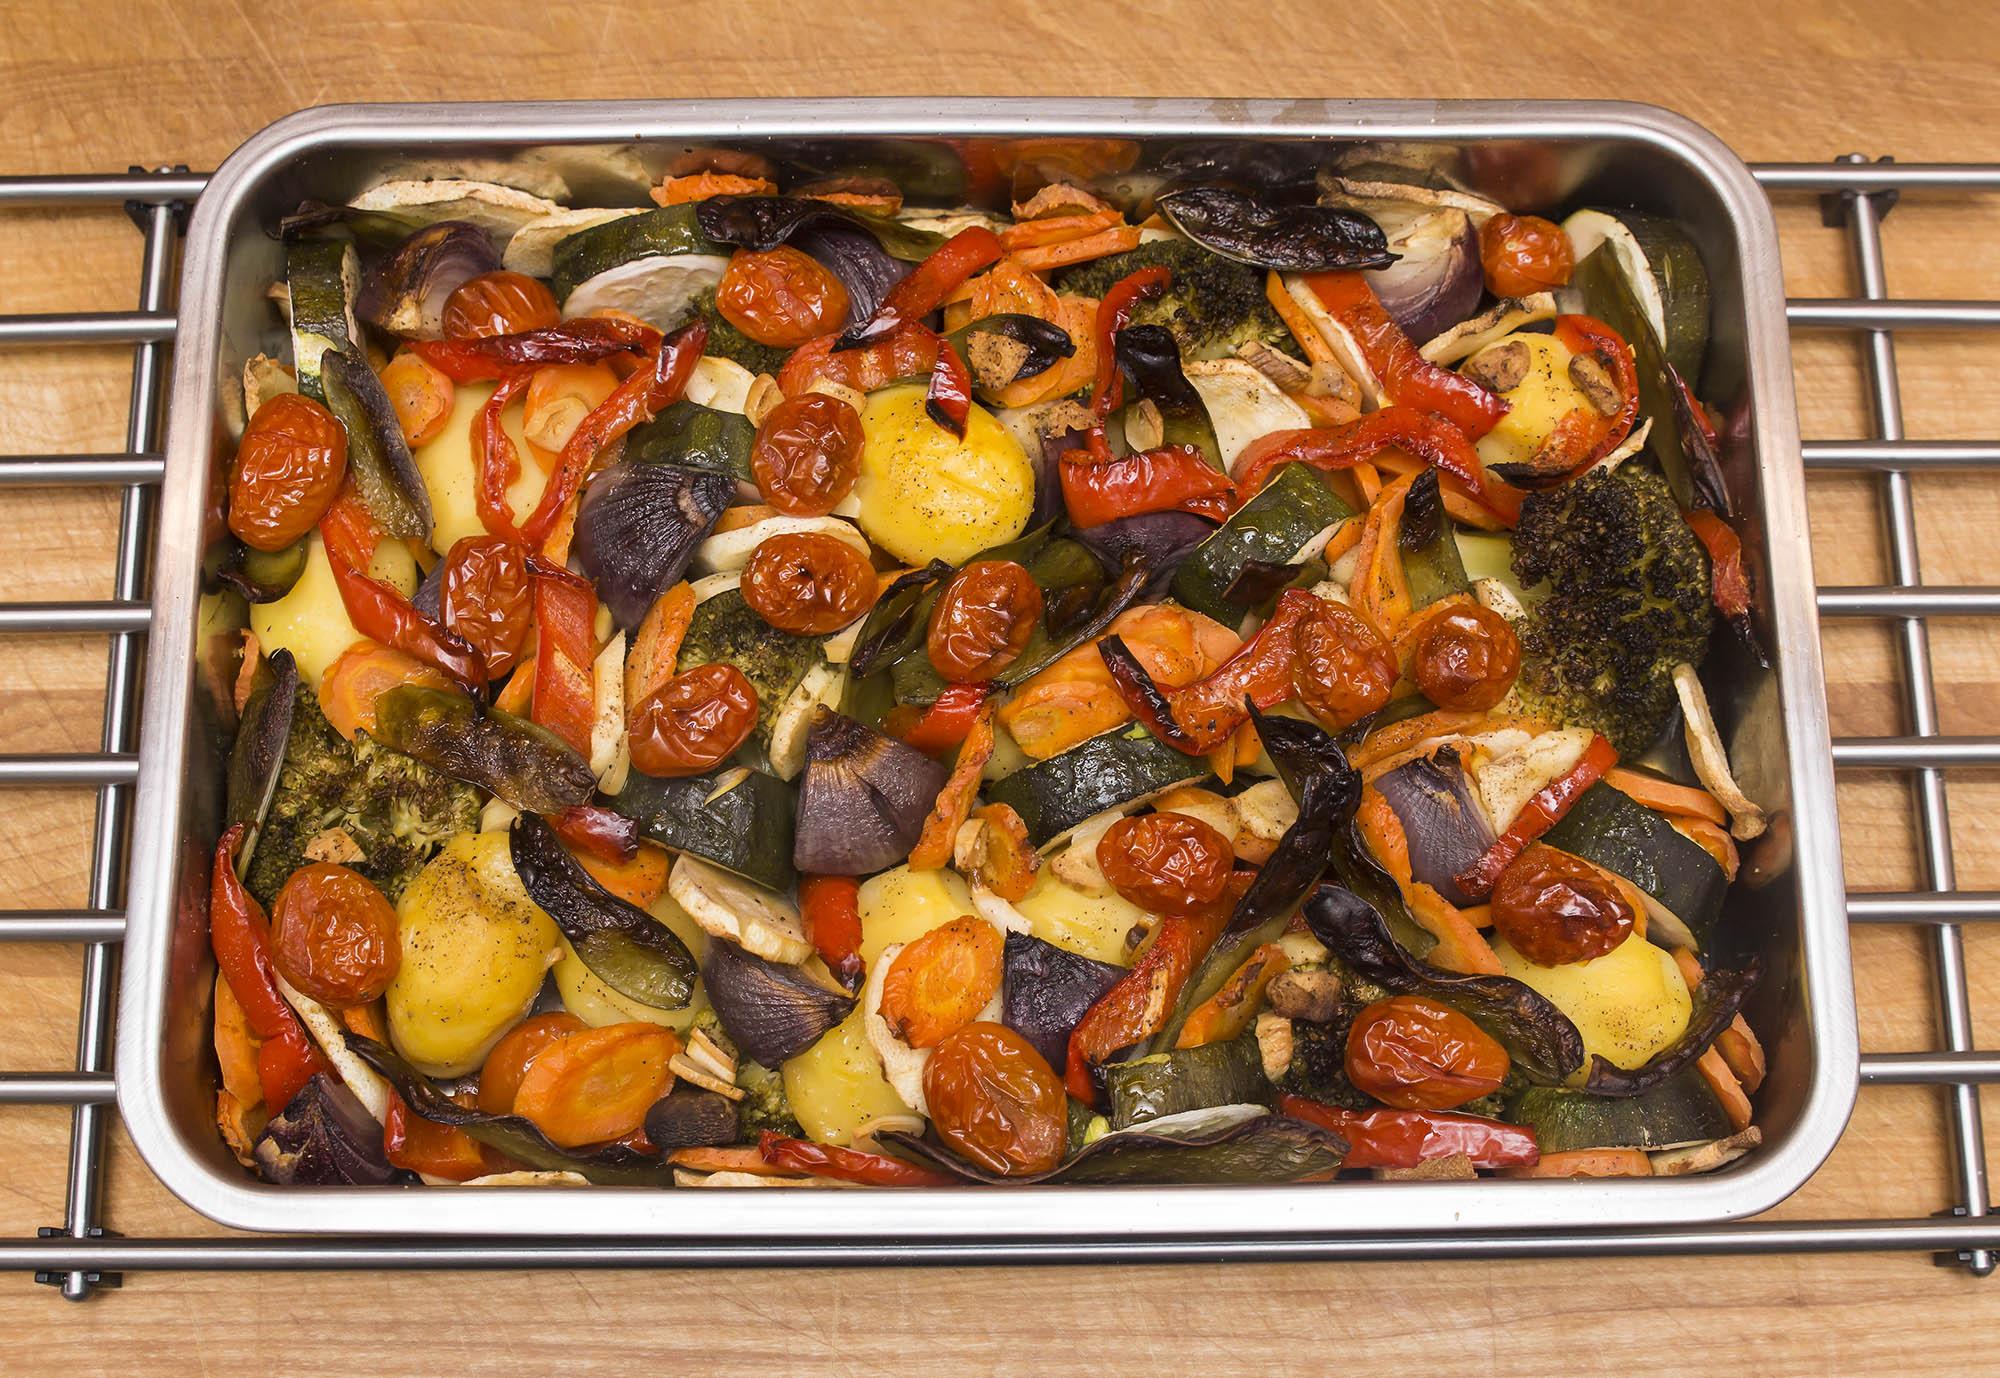 Gemüsepfanne  015 - 03 klein.jpg